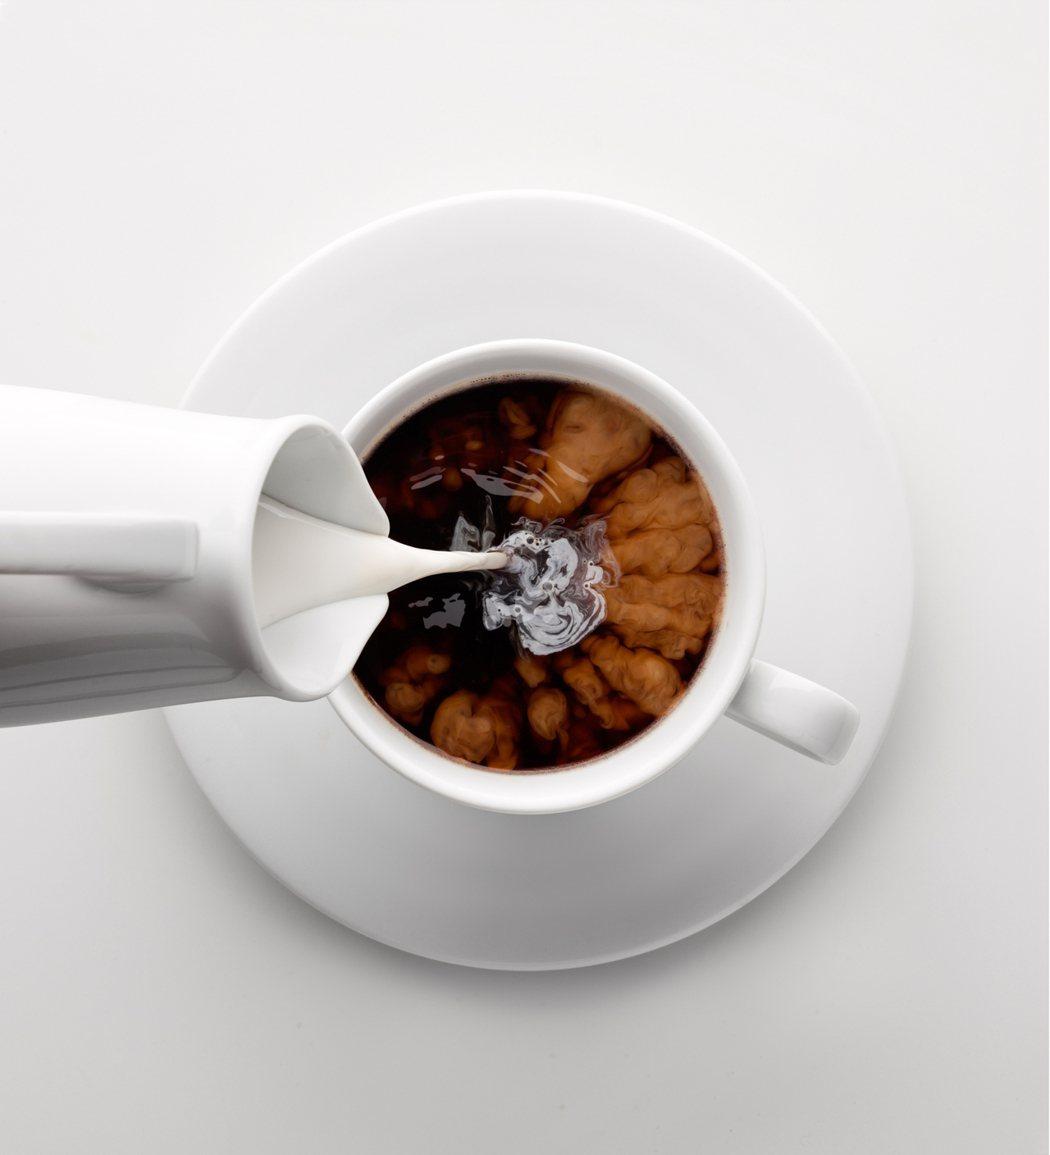 示意圖。專家表示,幾乎所有市售咖啡、手搖杯用的都是「業務用牛奶」,成本上比鮮乳相...